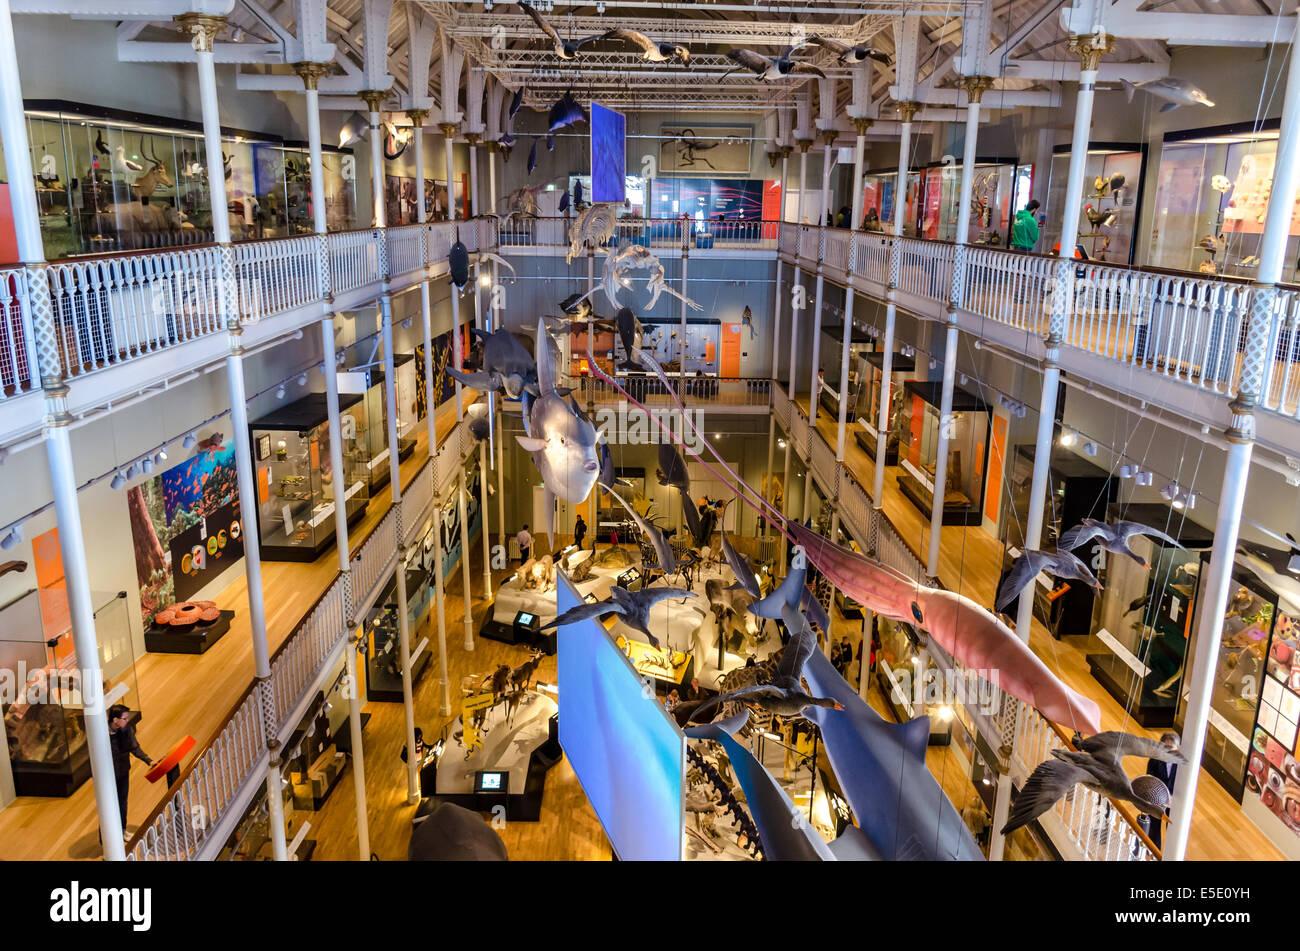 Edinburgh Natural Science Museum